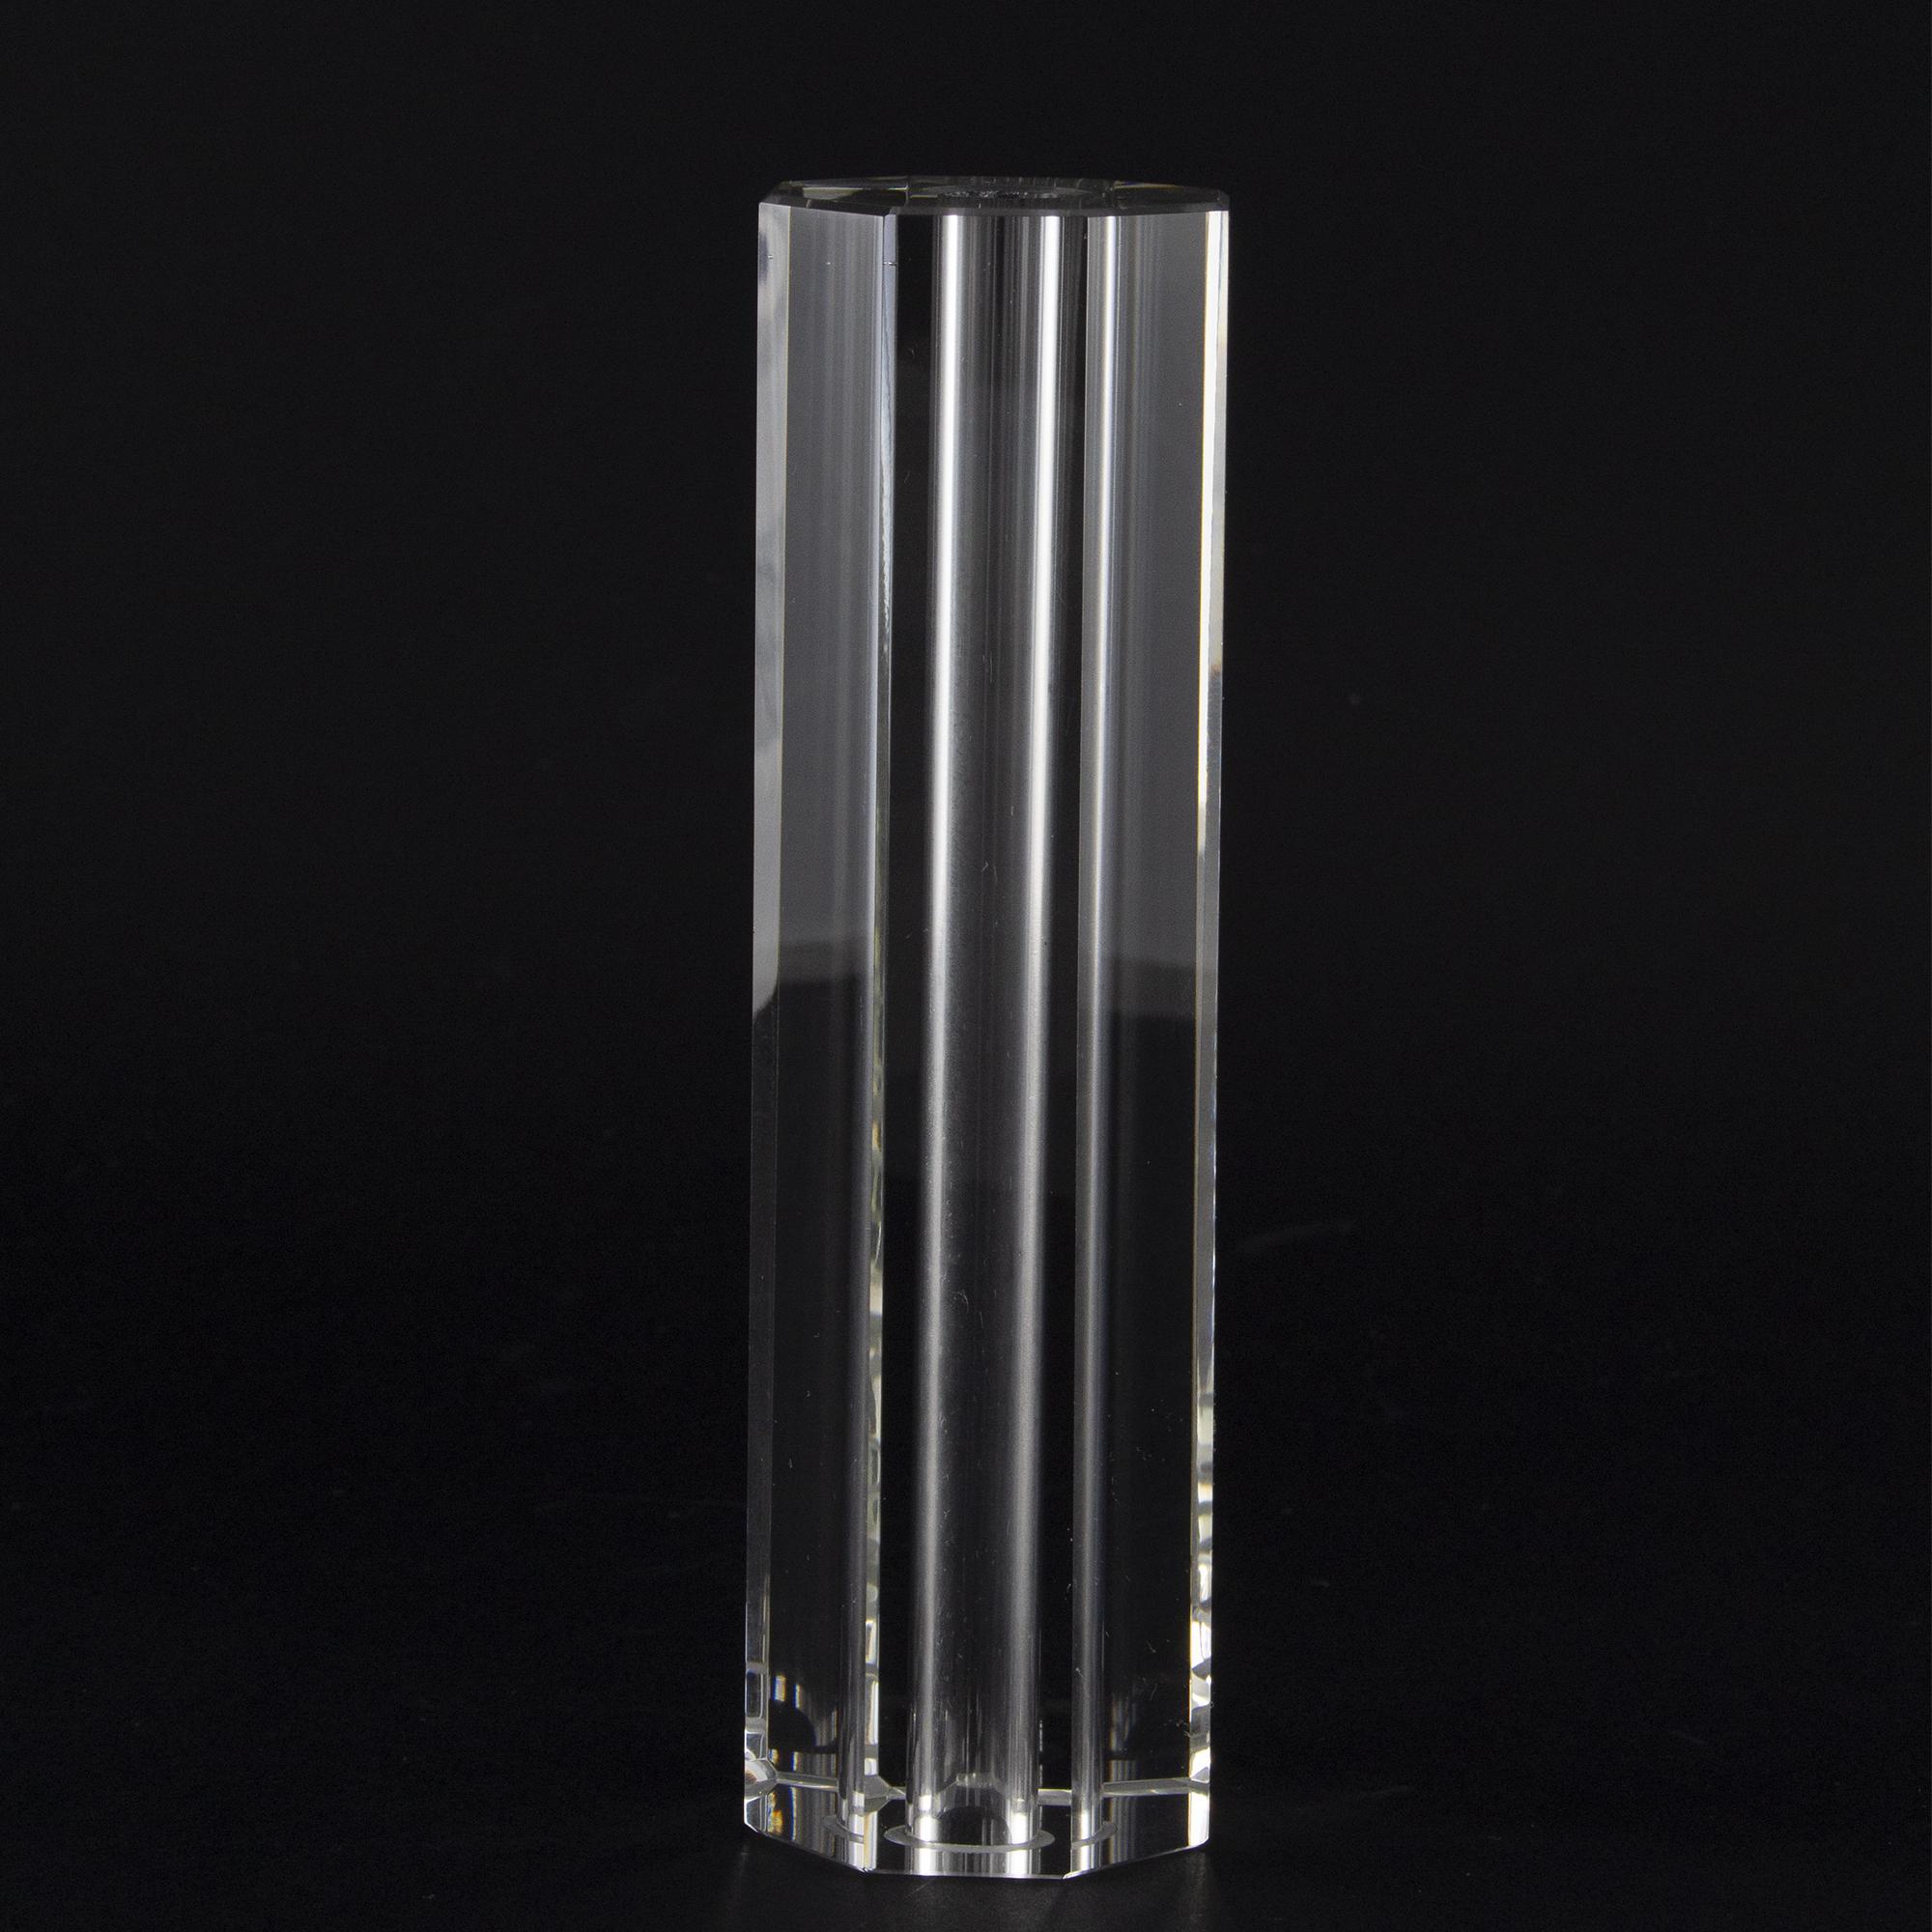 Infilaggio colonna sfaccettata in cristallo molato Ø40x150 mm foro 11,5 mm per lampadari cristallo